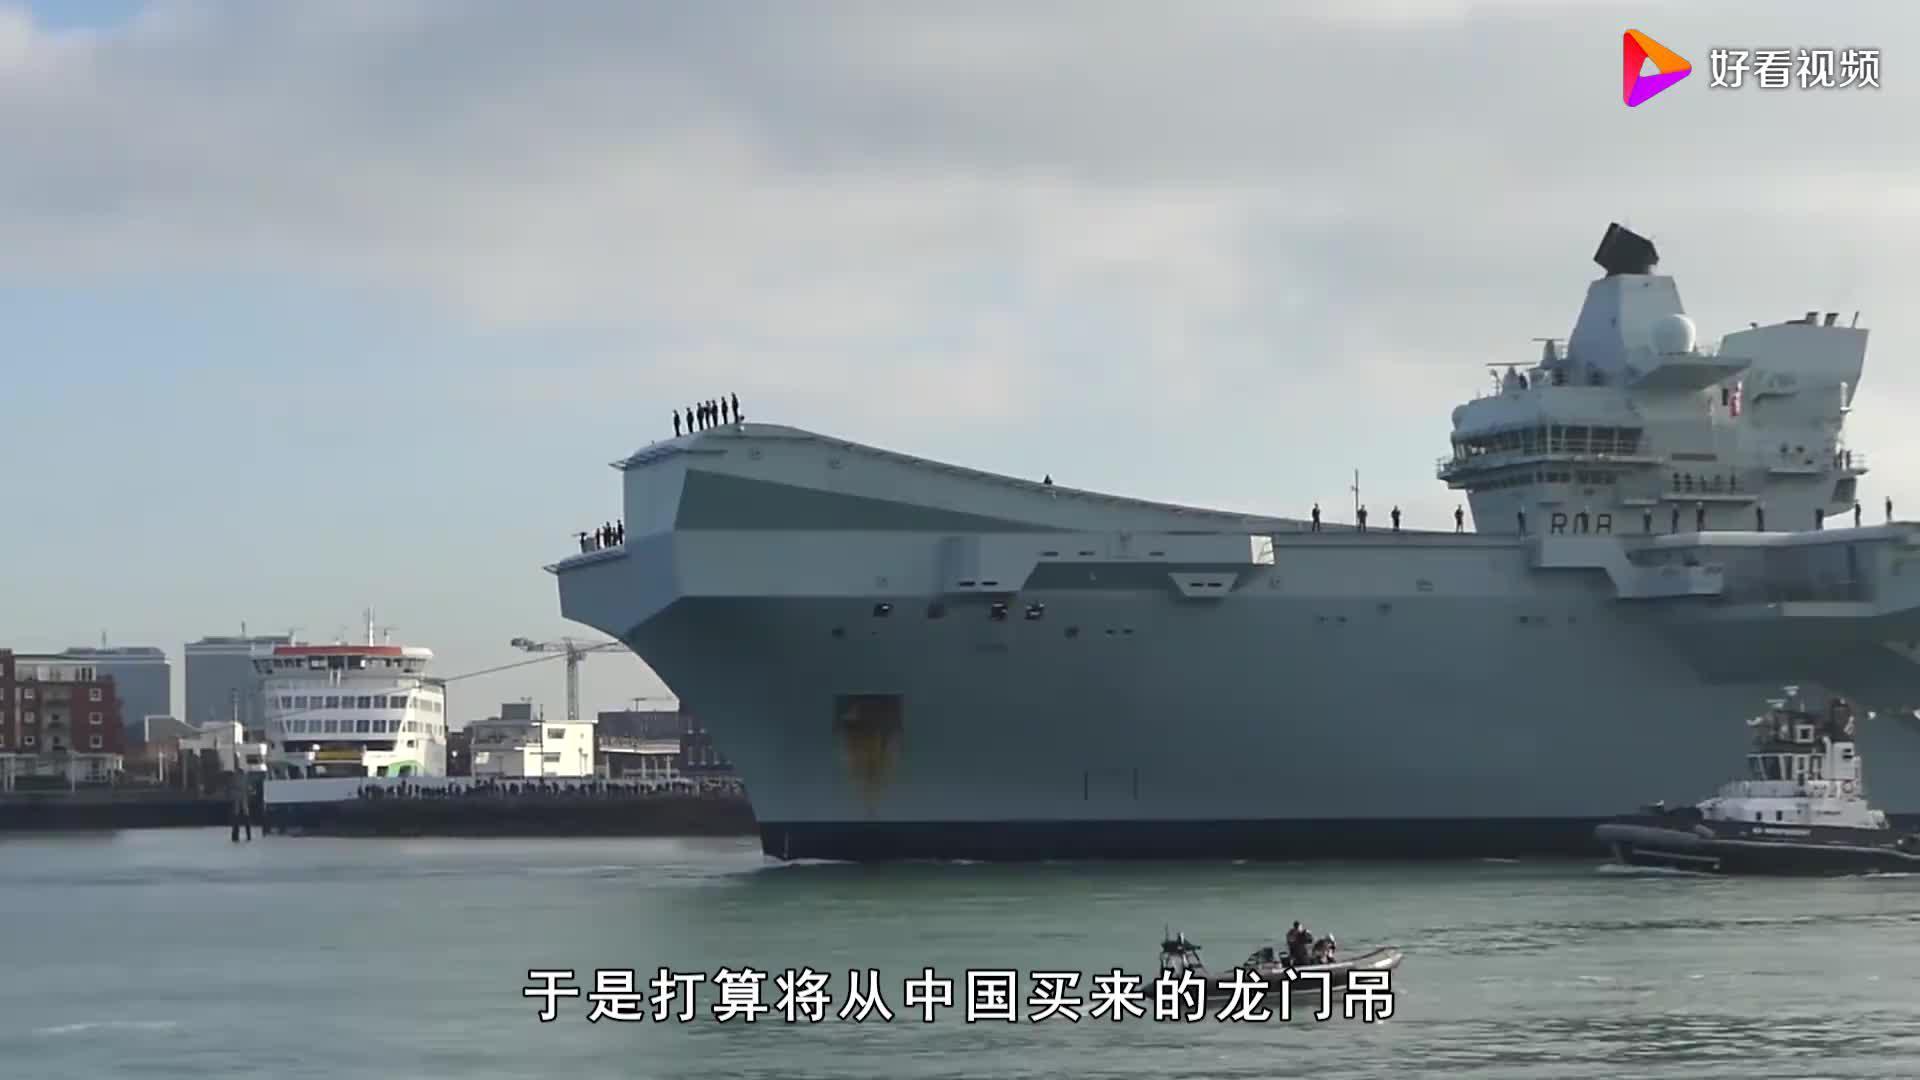 为了保住面子,印度拒绝中国龙门吊,价值2000亿巨舰被砸成废铁